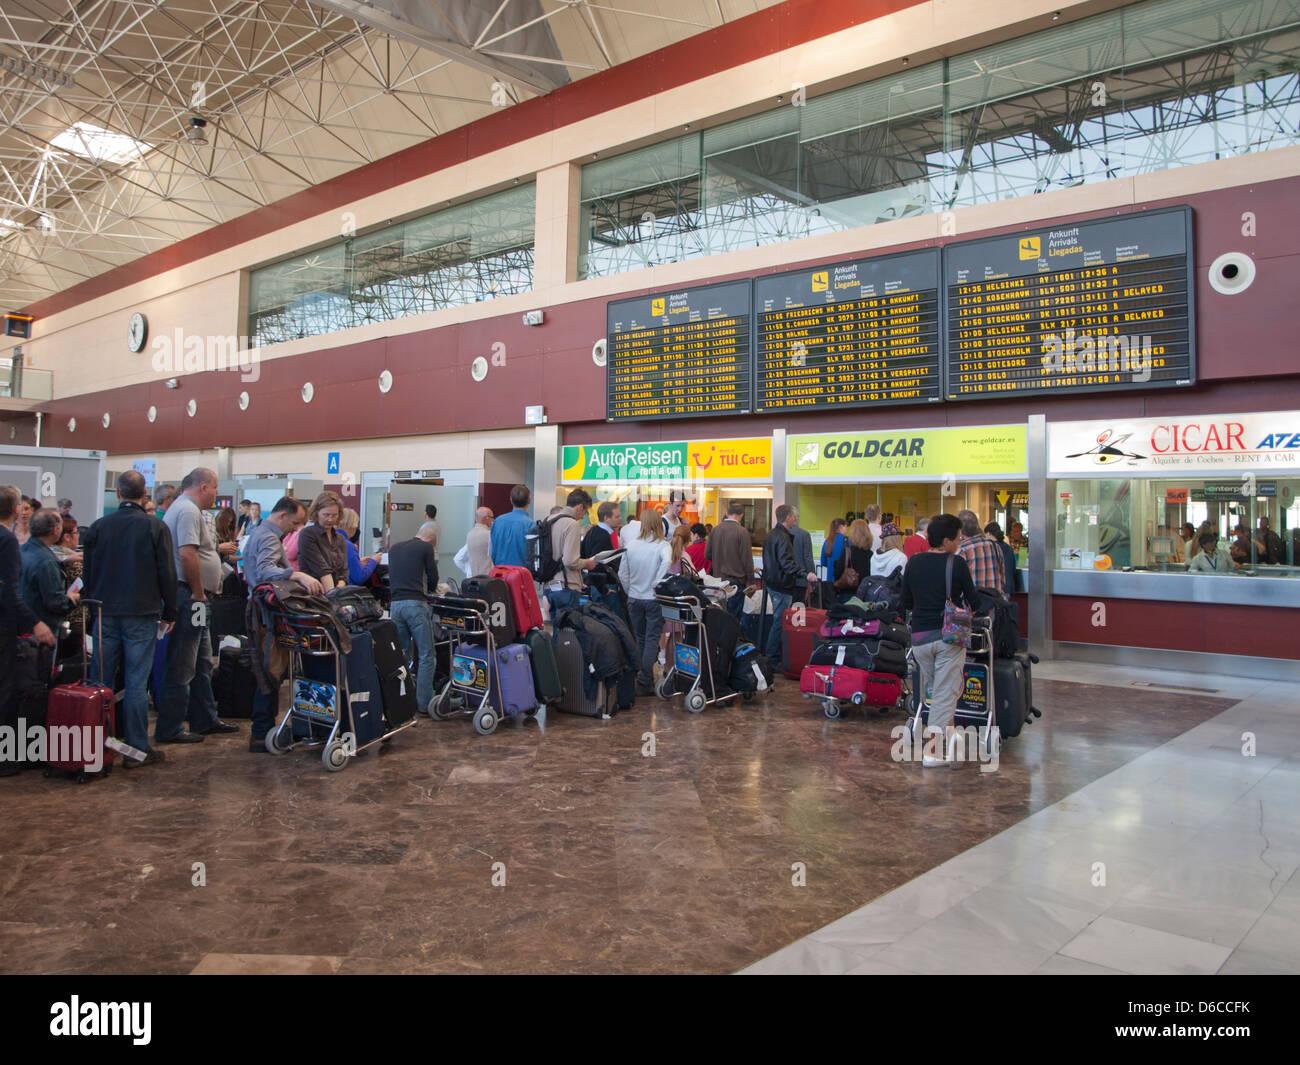 Location De Voitures La File A L Aeroport Reina Sofia De Tenerife